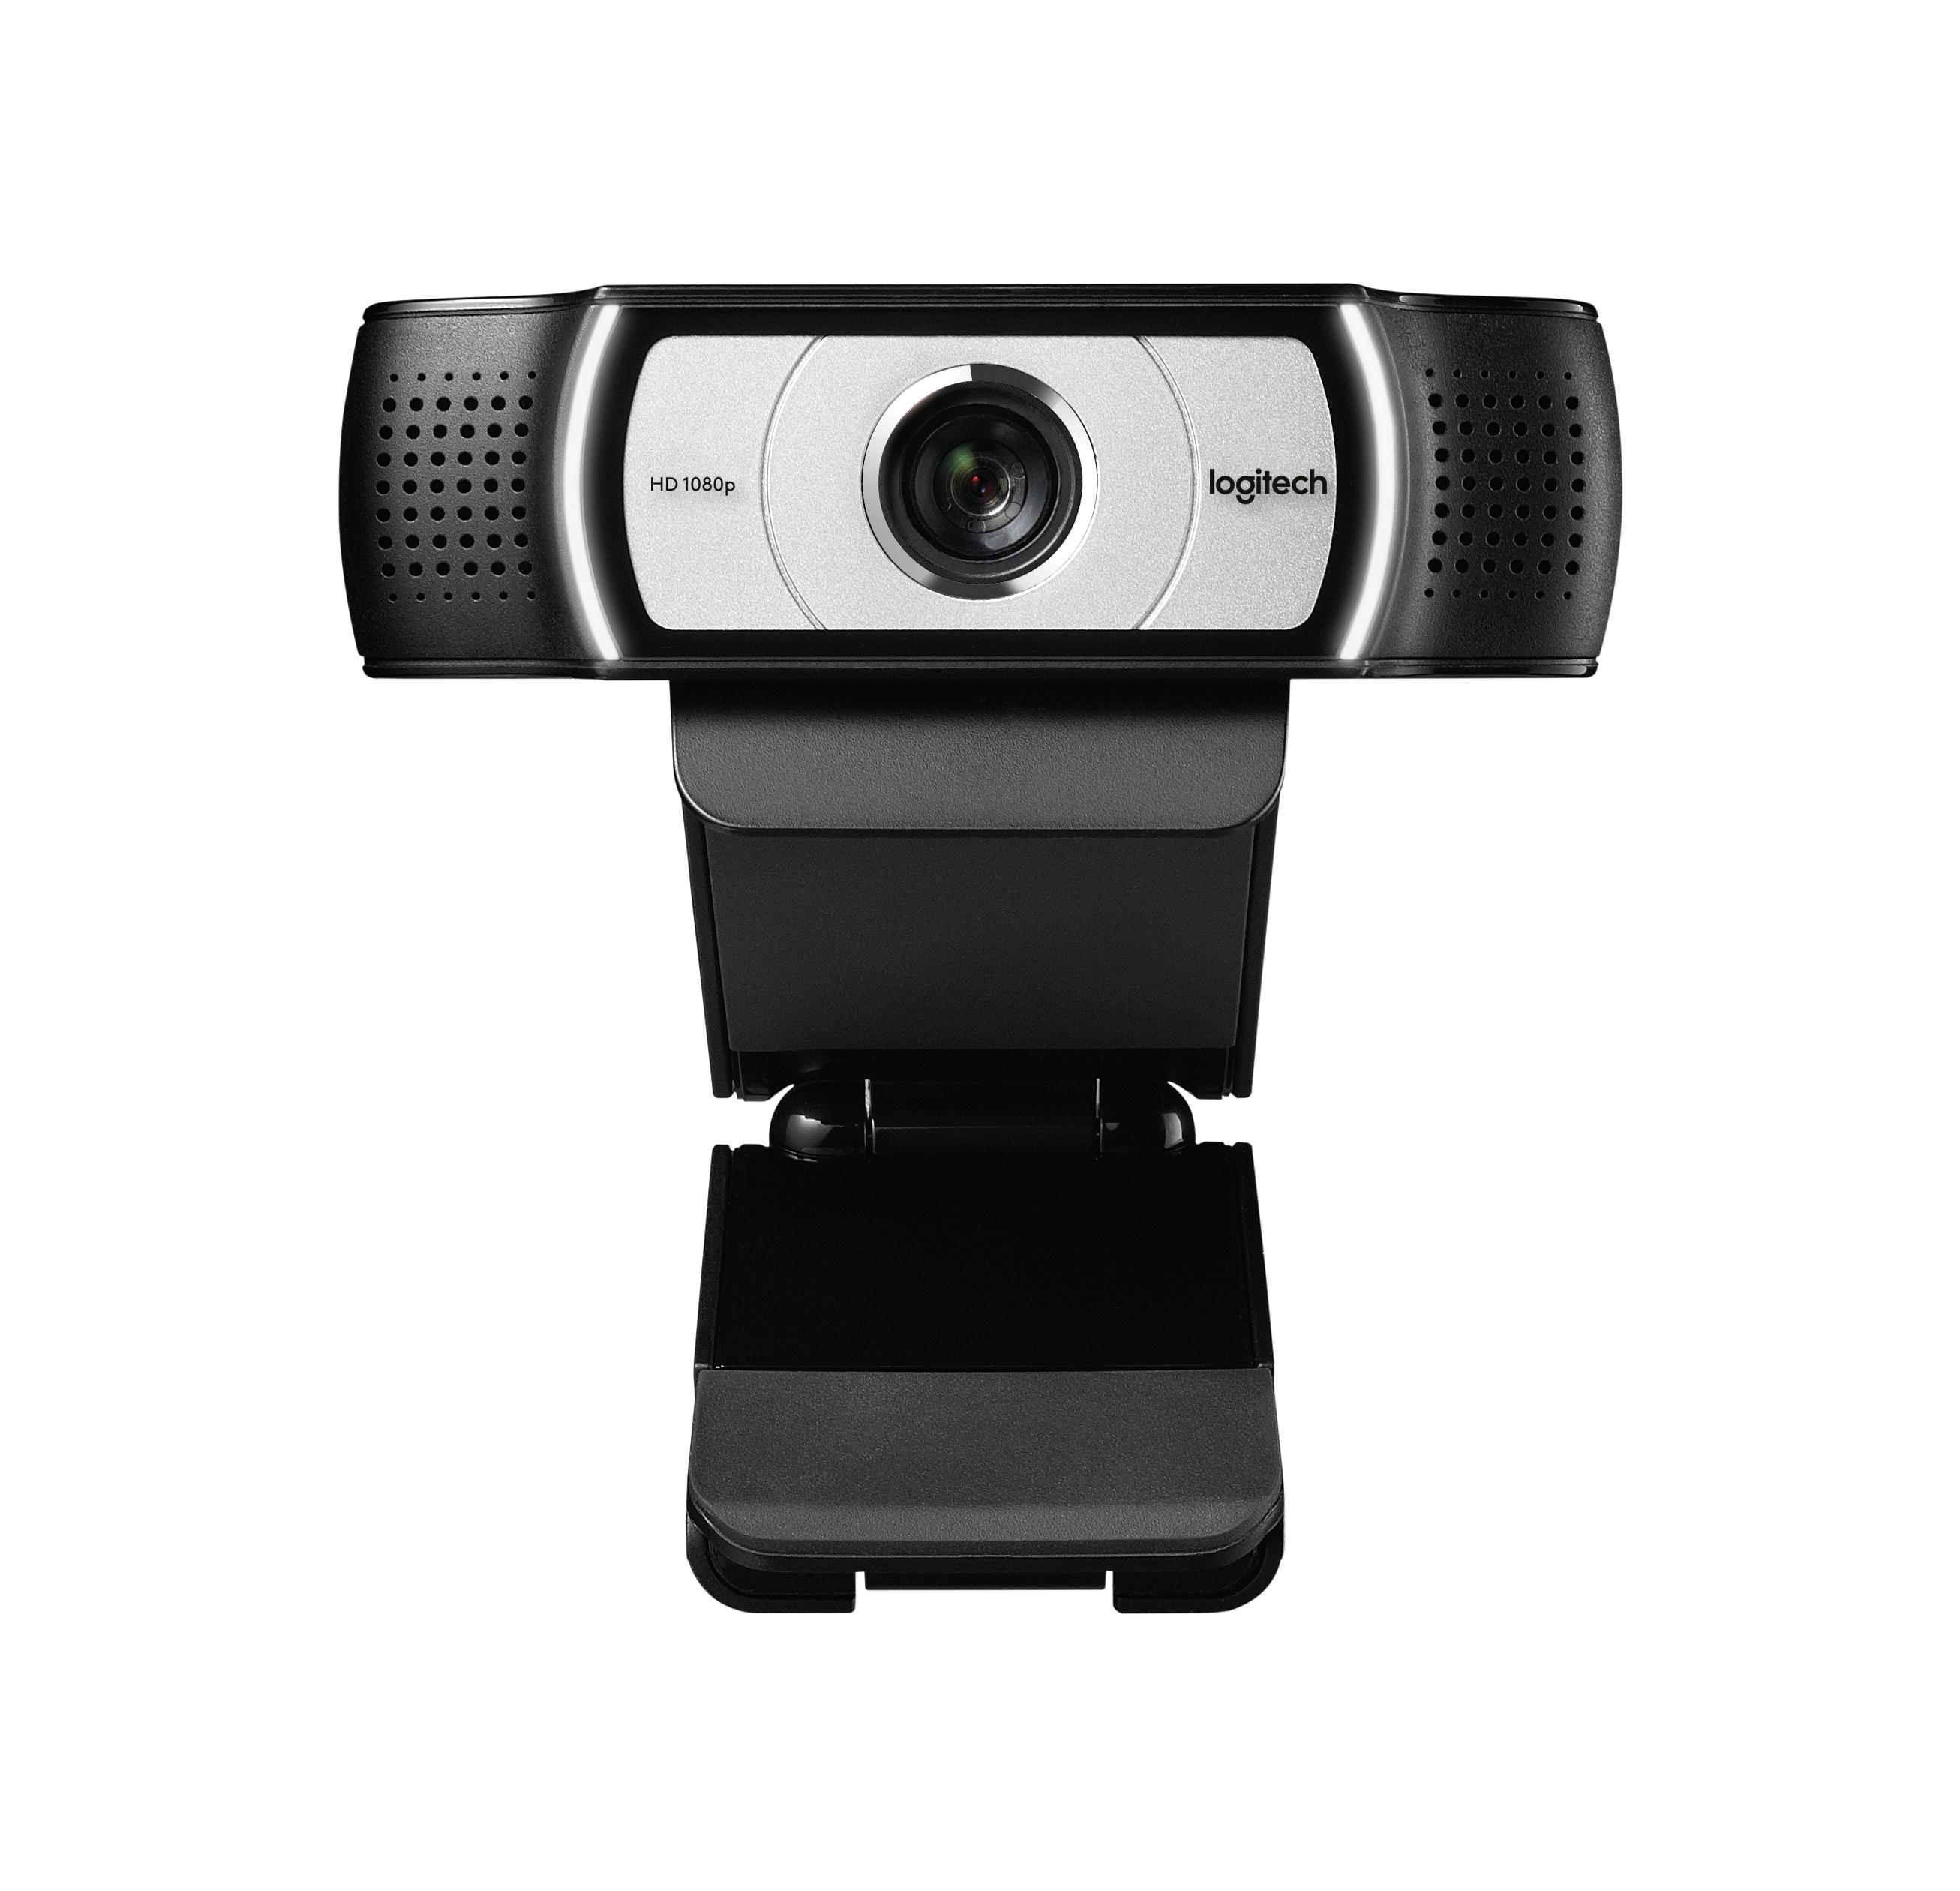 Logitech Webcam C930e 1920 x 1080 Webkamera Fortrådet